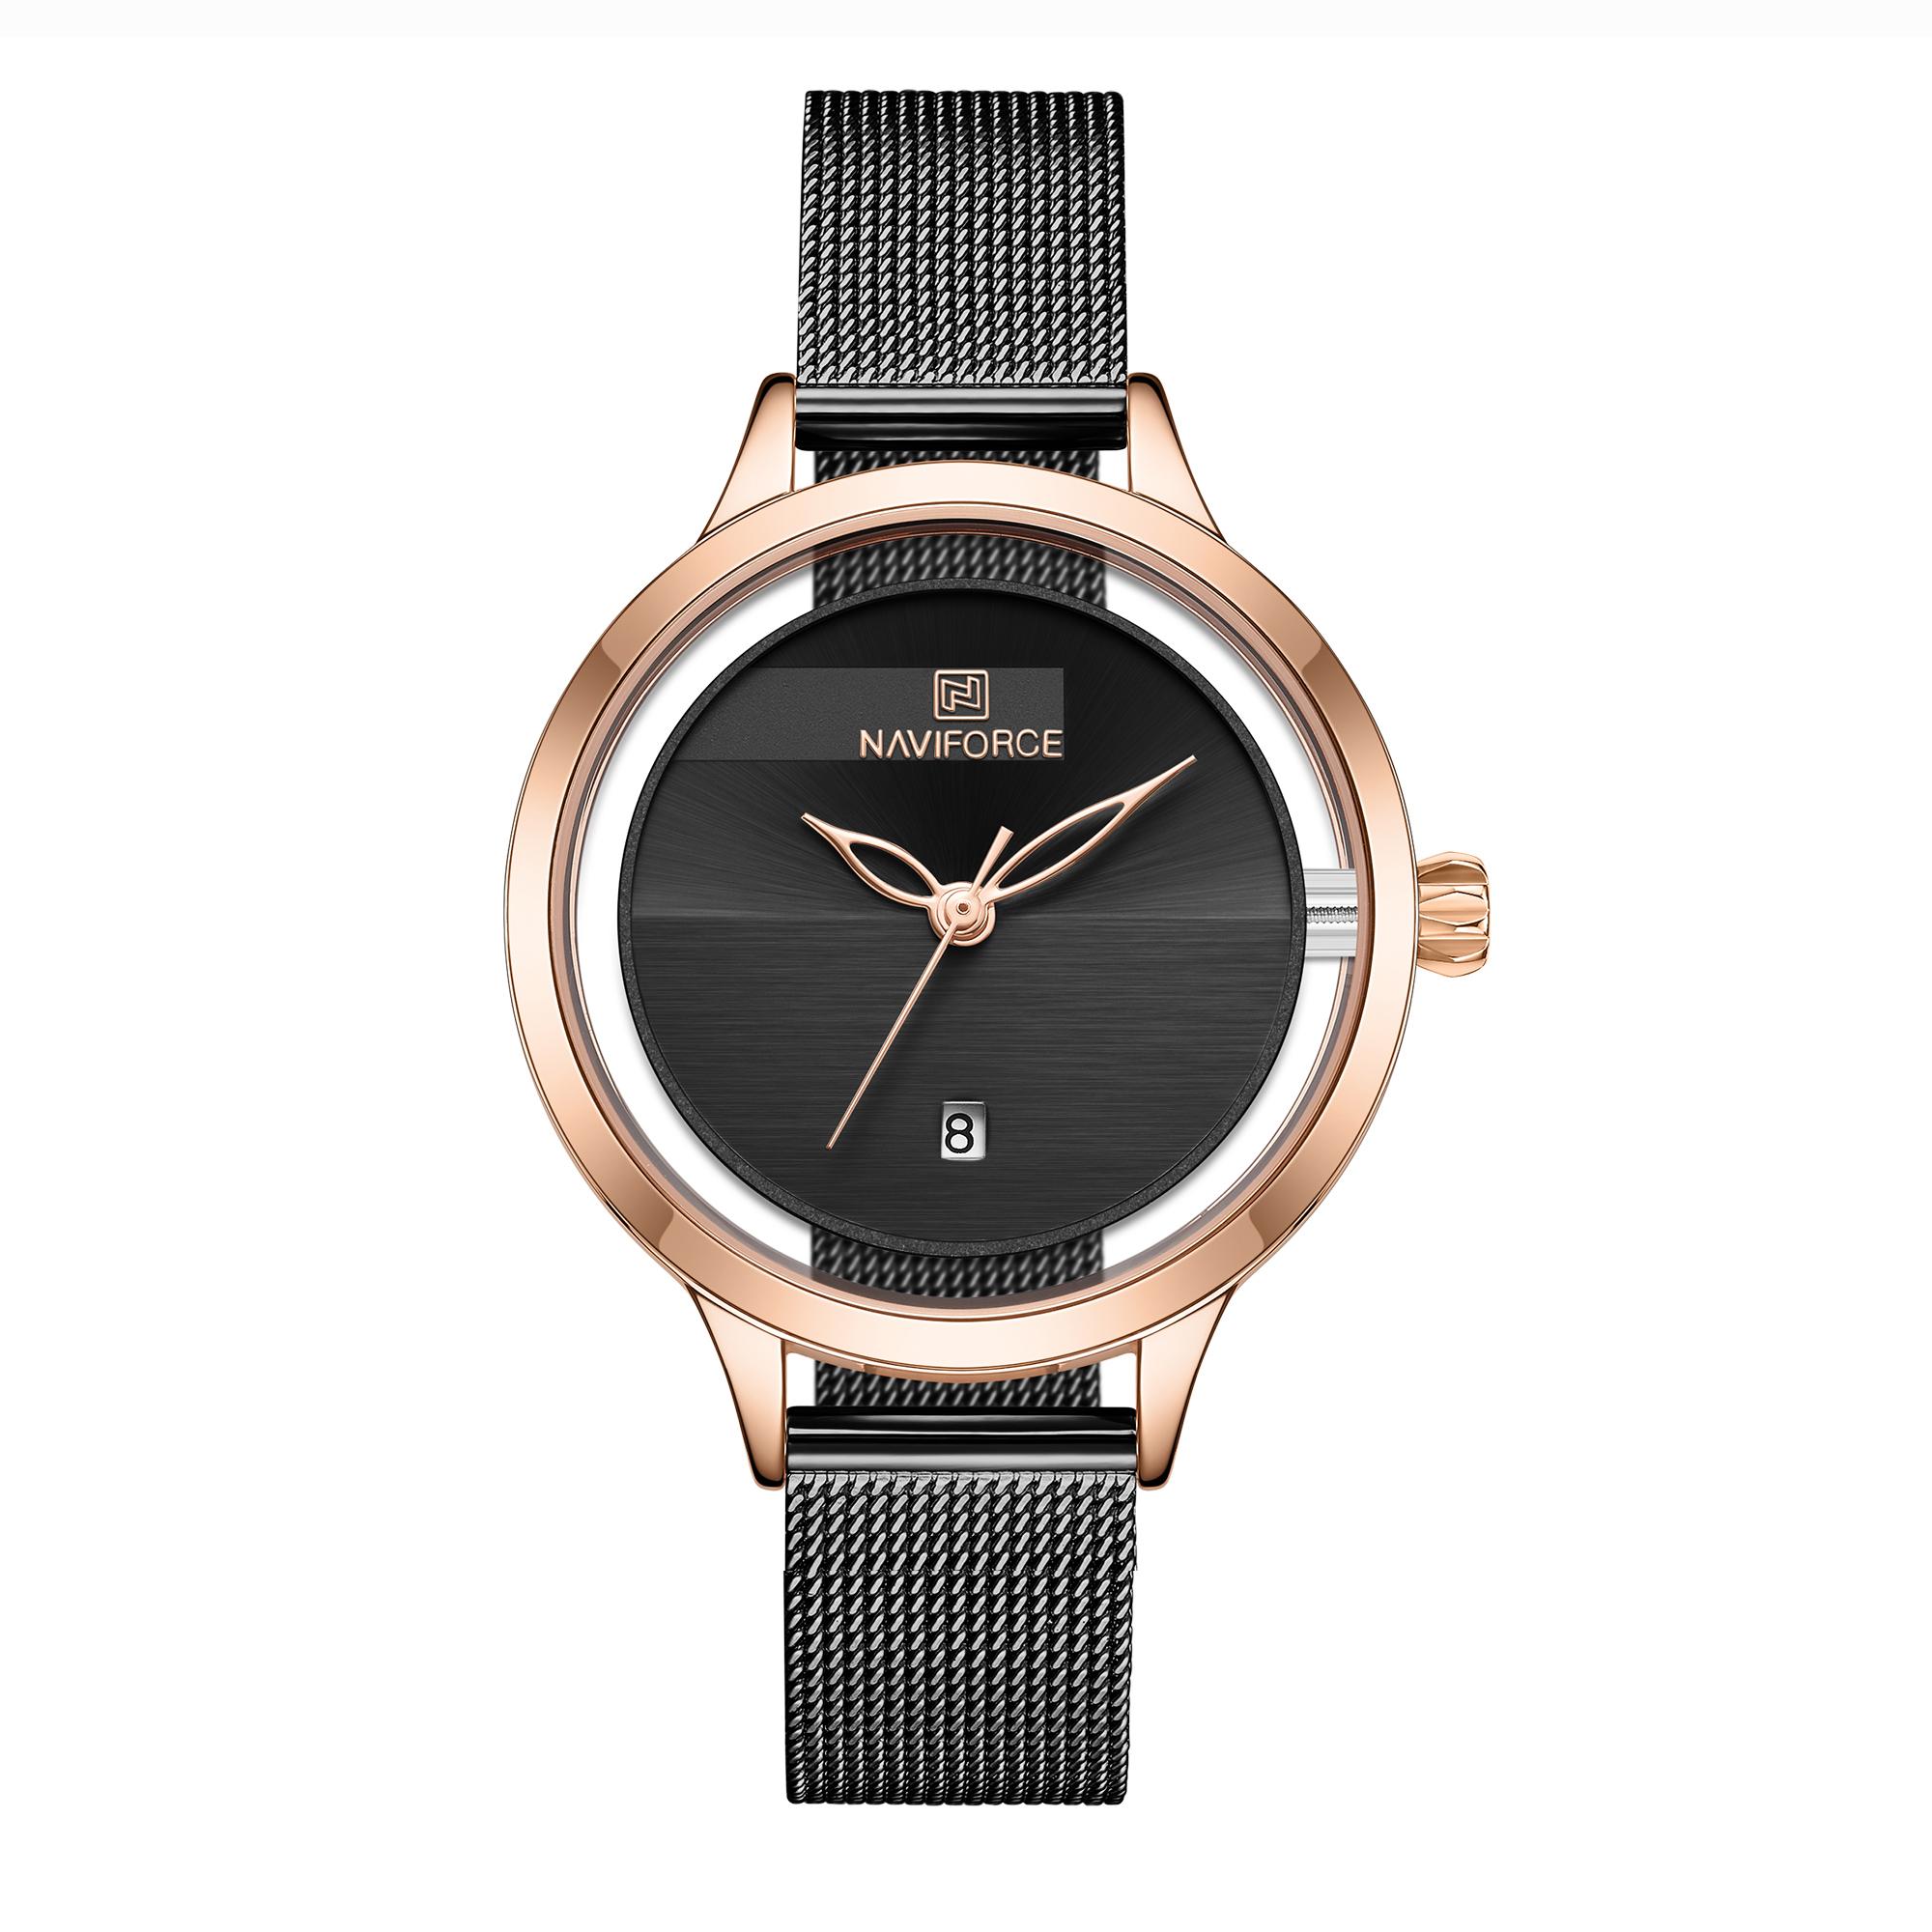 ساعت مچی عقربه ای زنانه نیوی فورس مدل NF5014 RGB              خرید (⭐️⭐️⭐️)